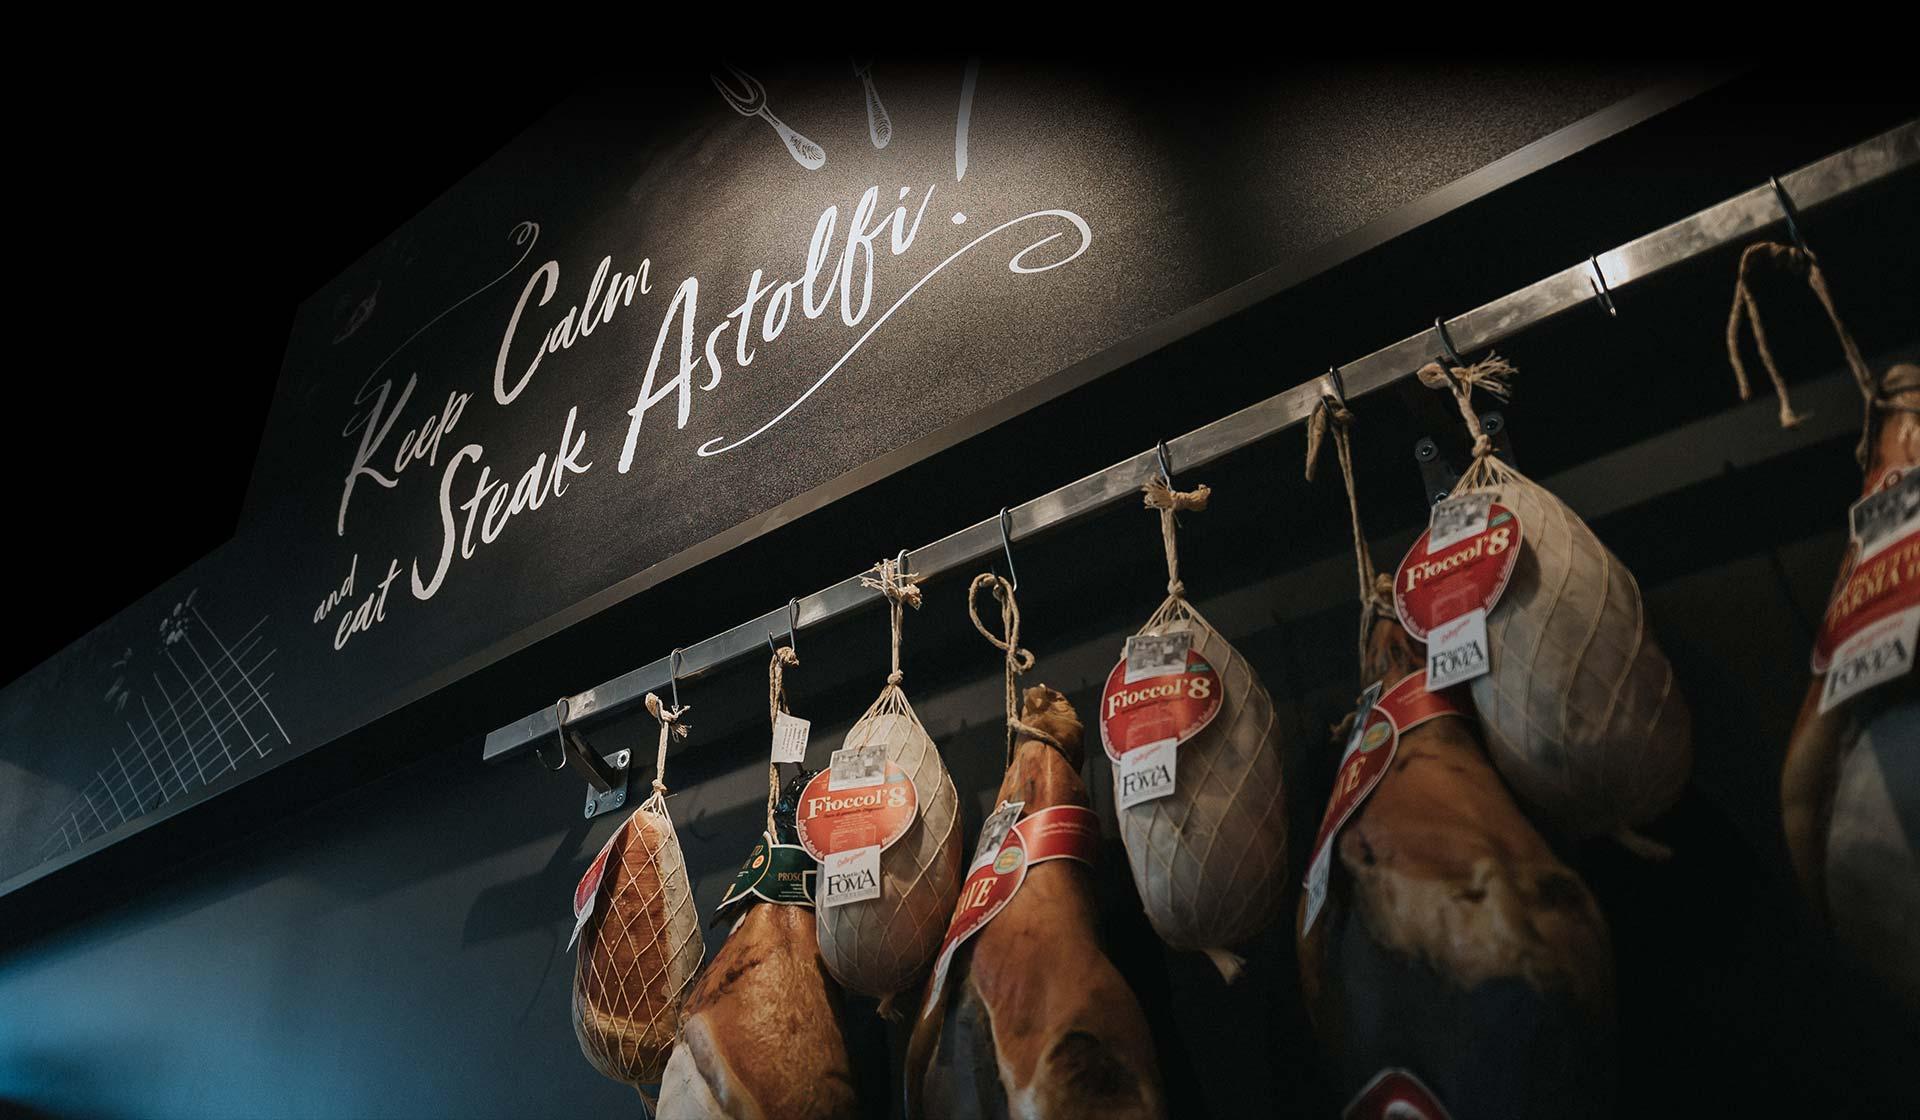 Gran Carni Astolfi - Il negozio